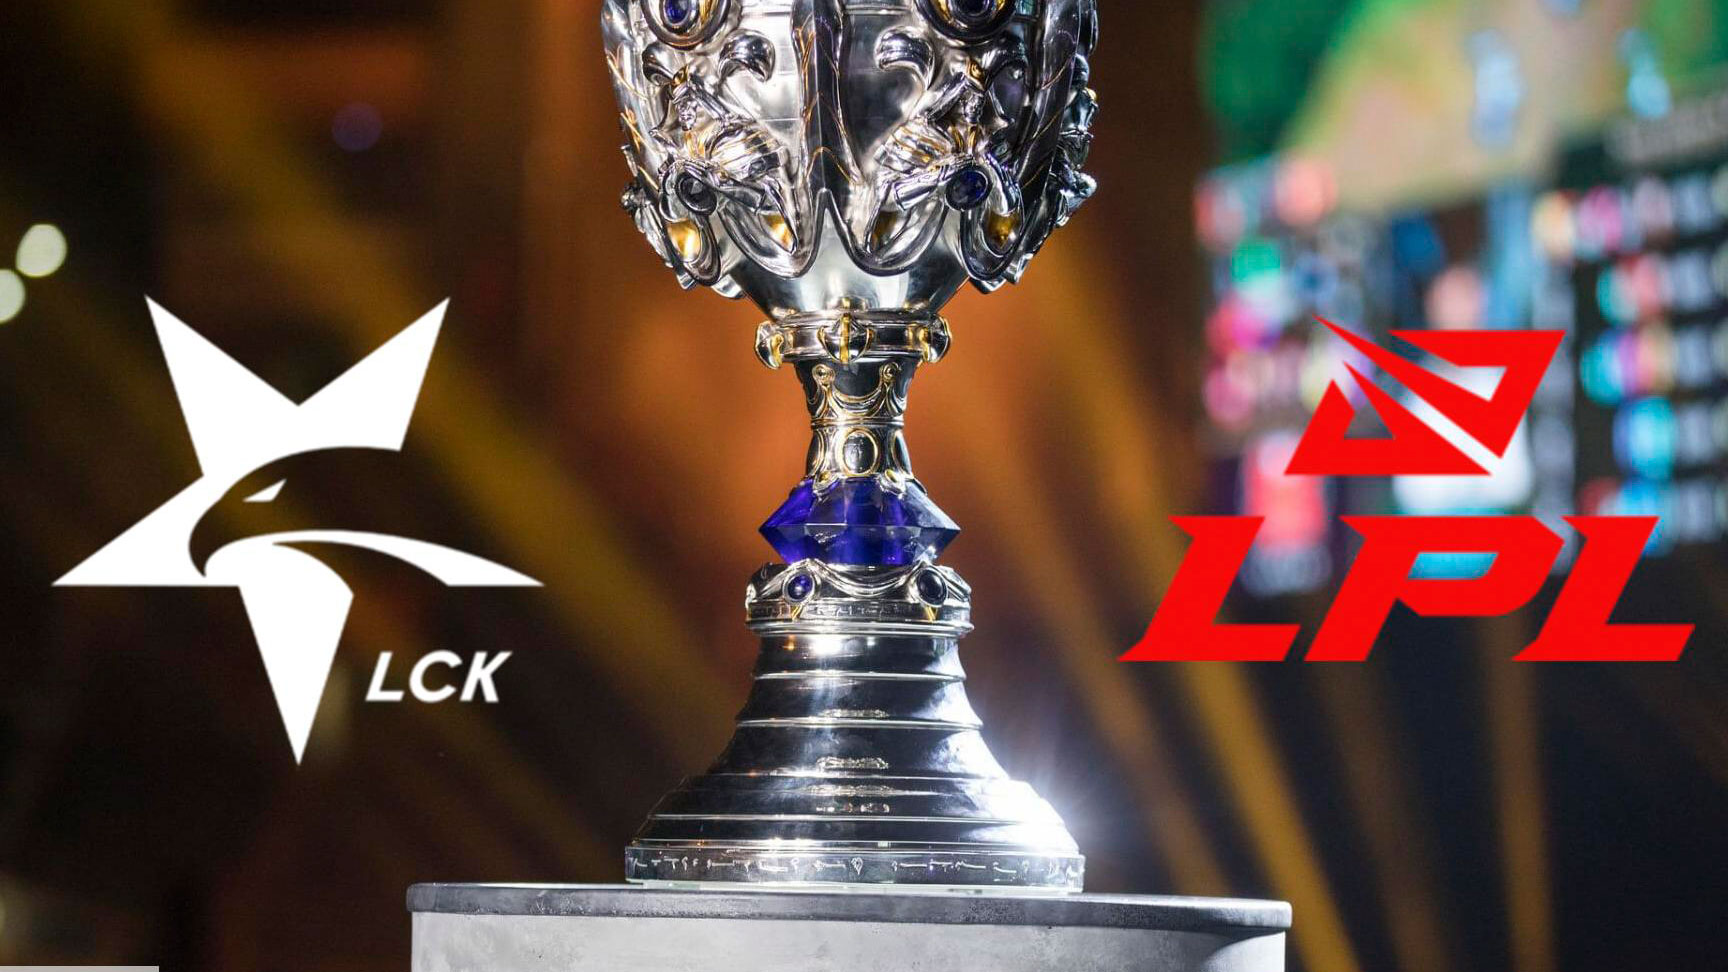 CKTG 2020: Sau 6 năm, NHM mới lại được chứng kiến đại chiến LCK và LPL trong trận chung kết tổng